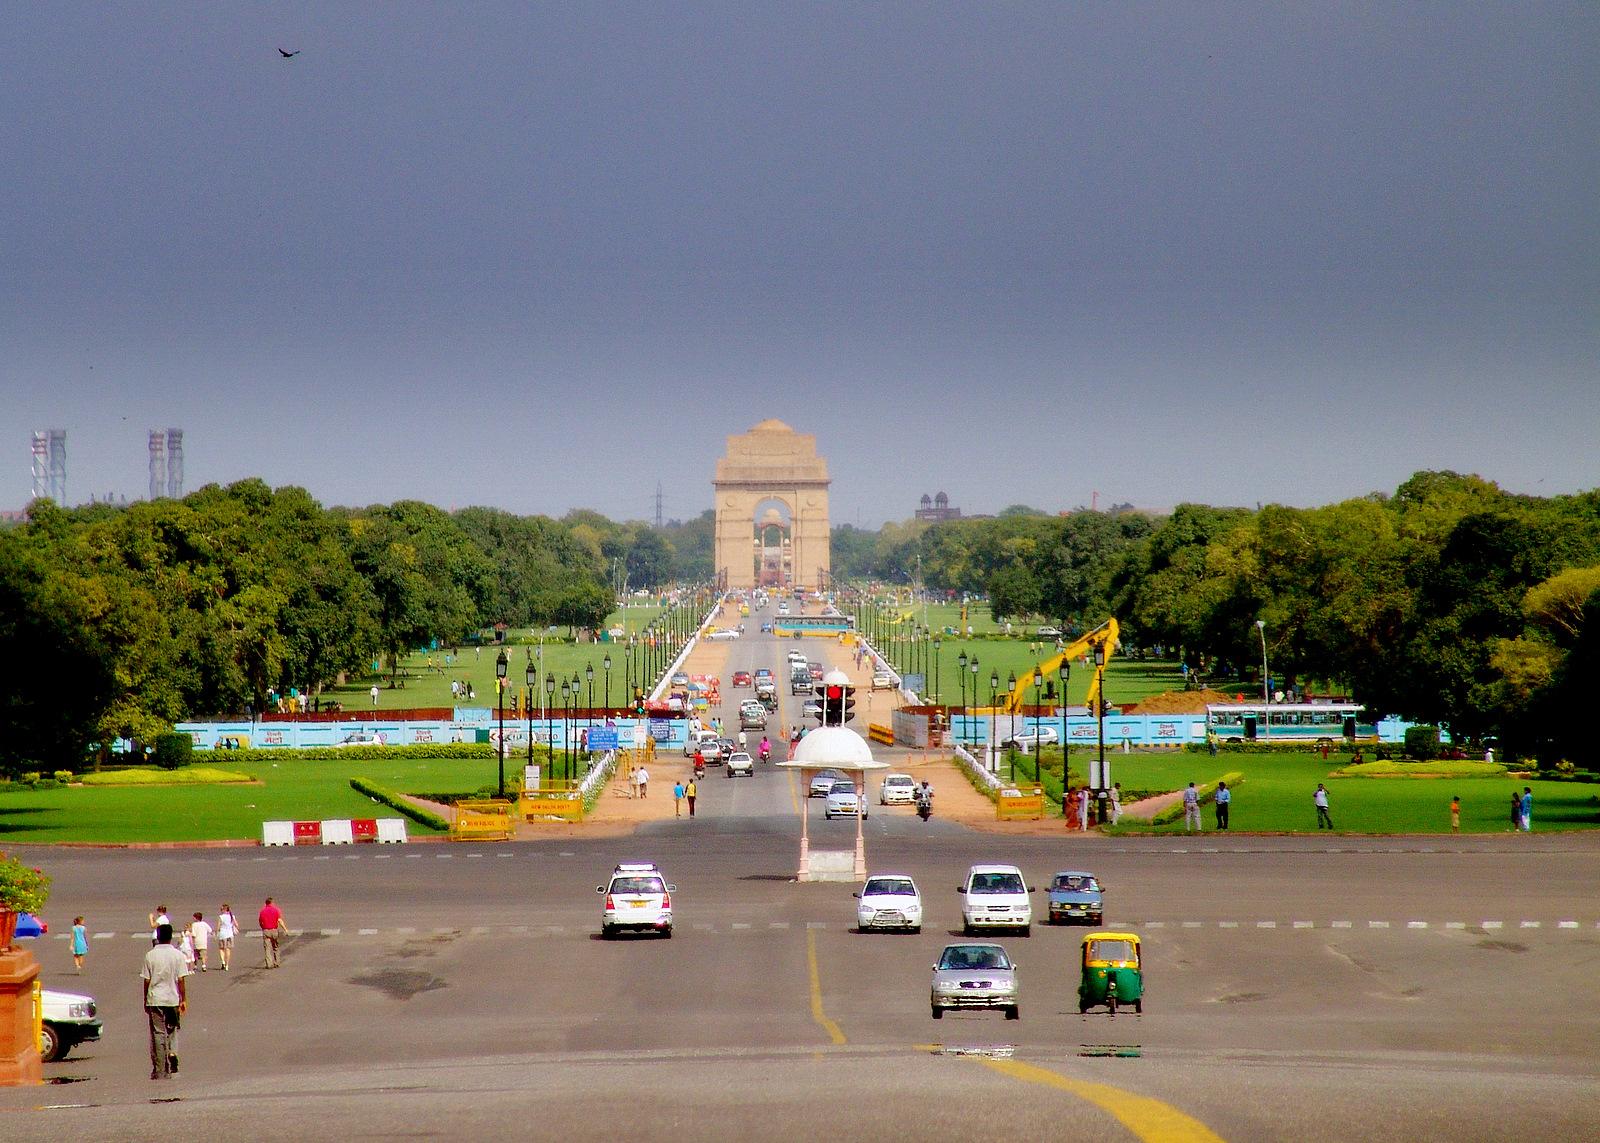 दिल्ली में घुसे है लश्कर के 20 आतंकी, भीड़भाड़ वाले इलाकों को बना सकते हैं अपना निशाना